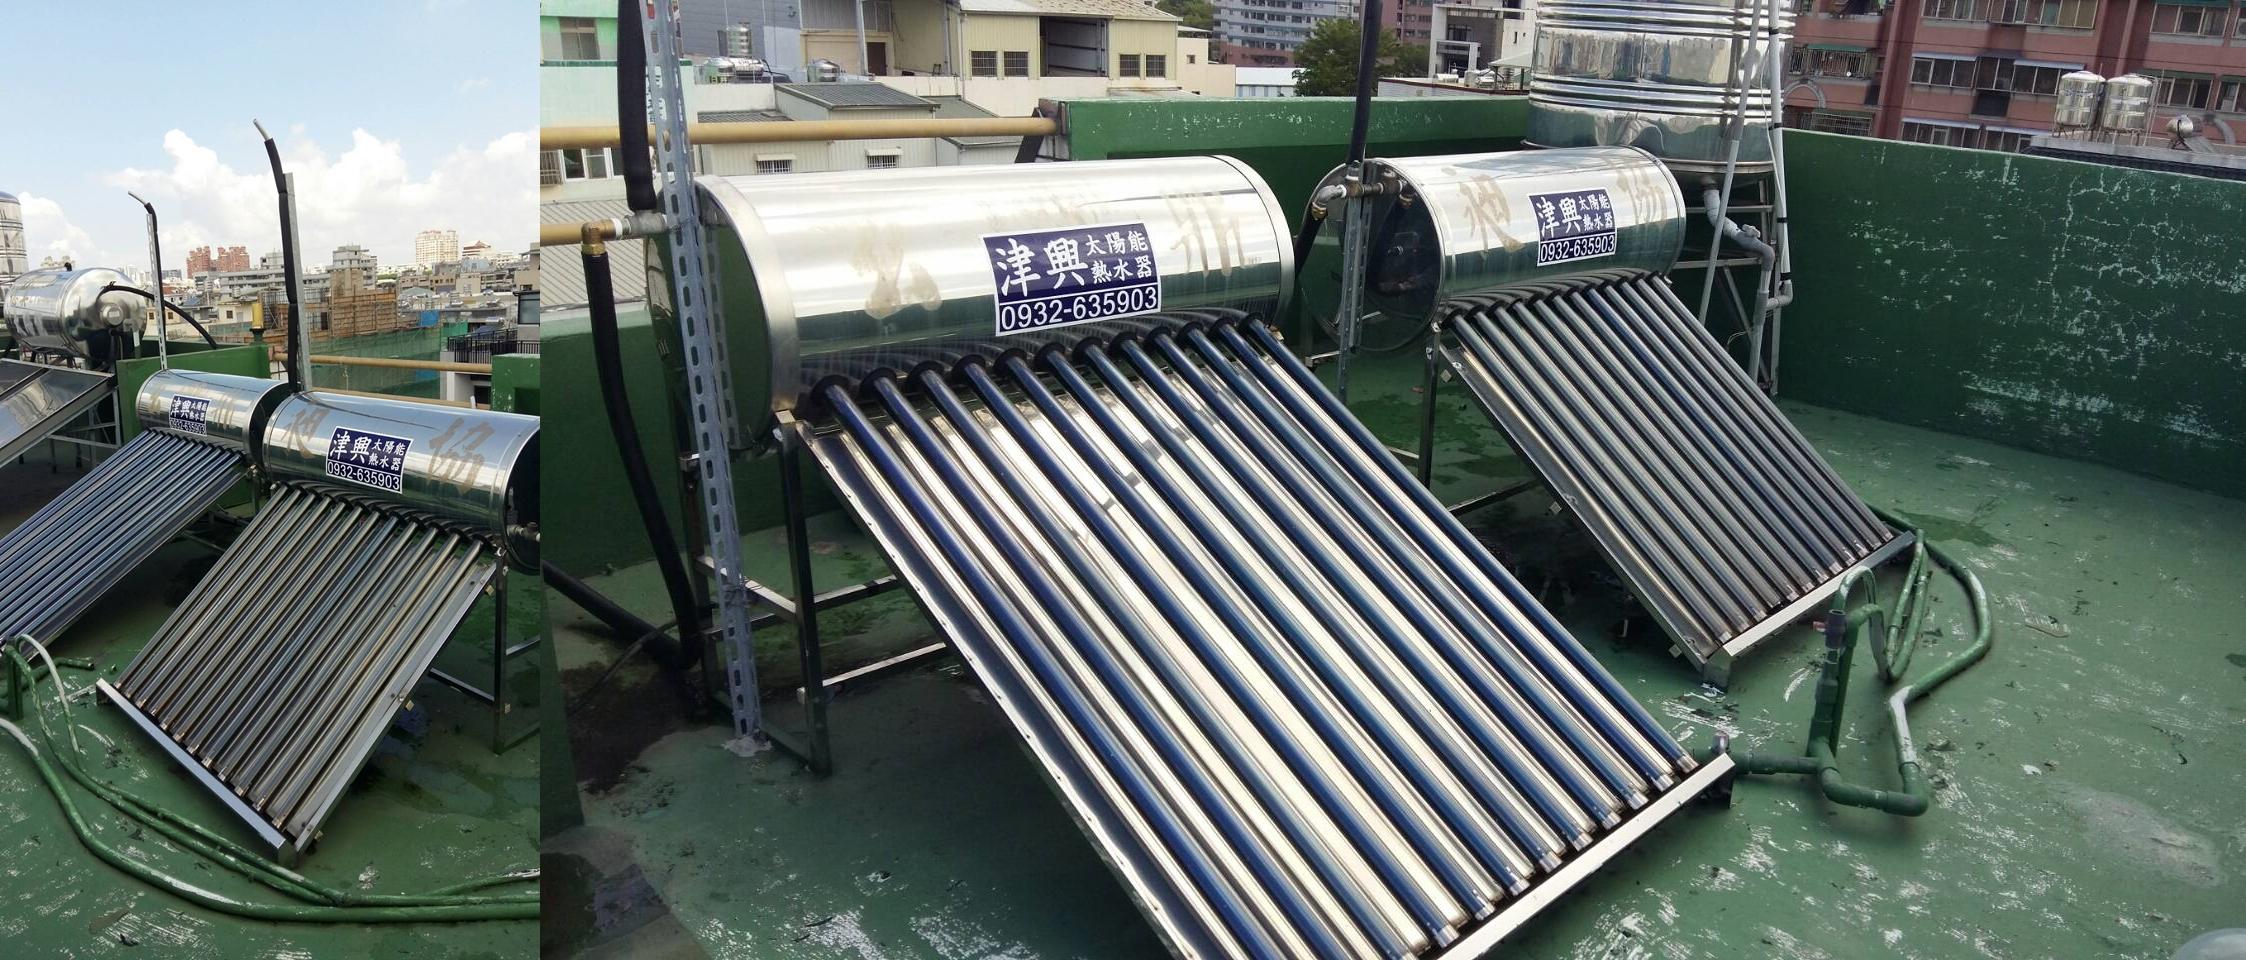 昶協、玄鼎真空管太陽能熱水器改善維修-更換(透氣管&熱水管)